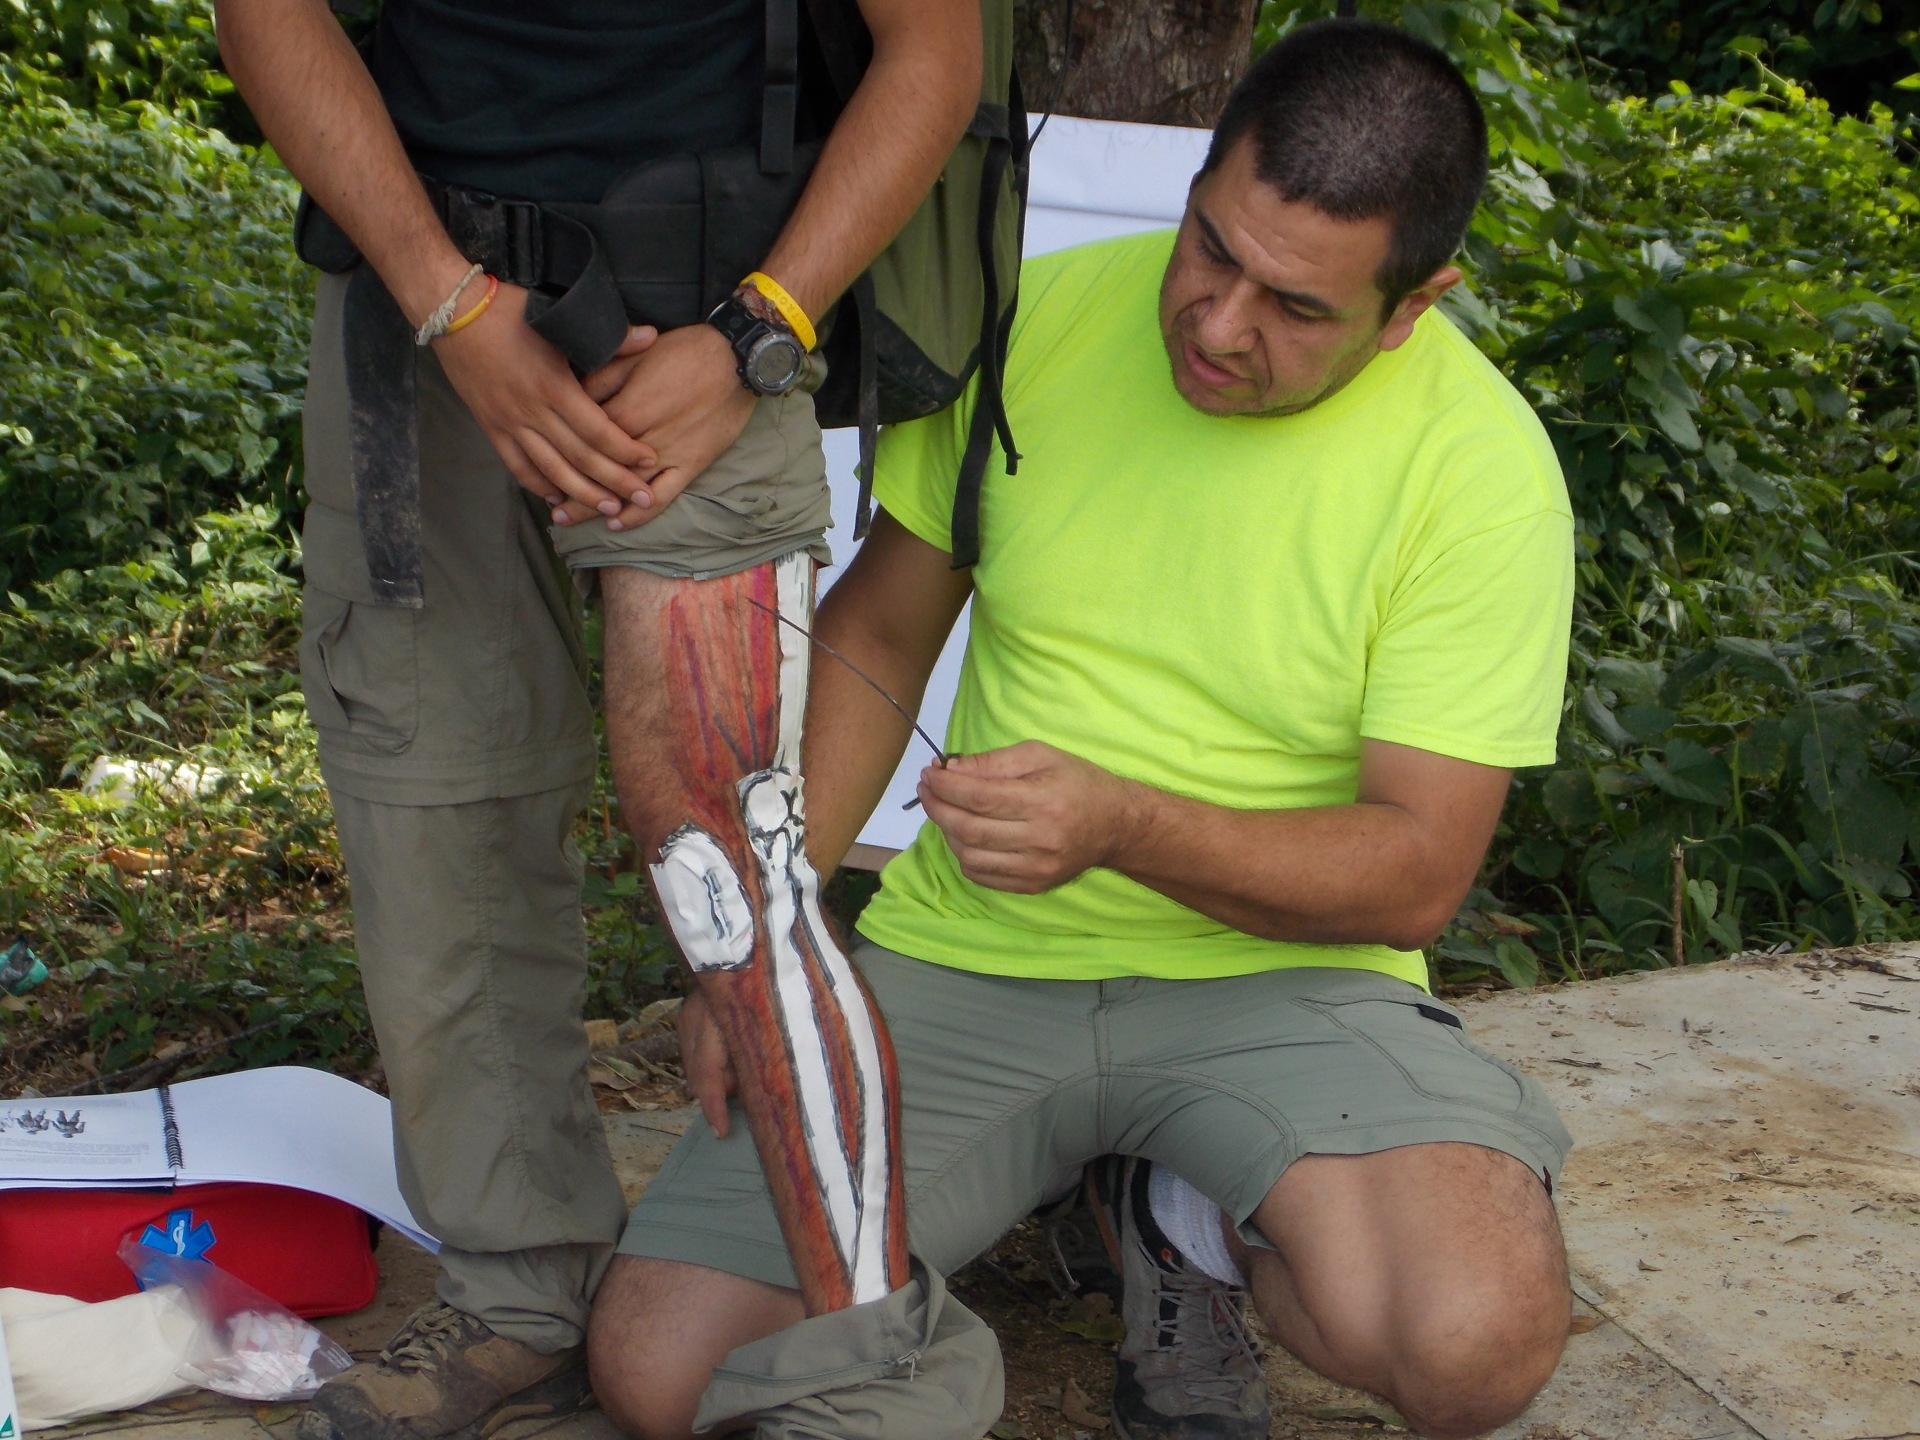 Primeros auxilios en áreas remotas: lesiones músculo-esqueléticas